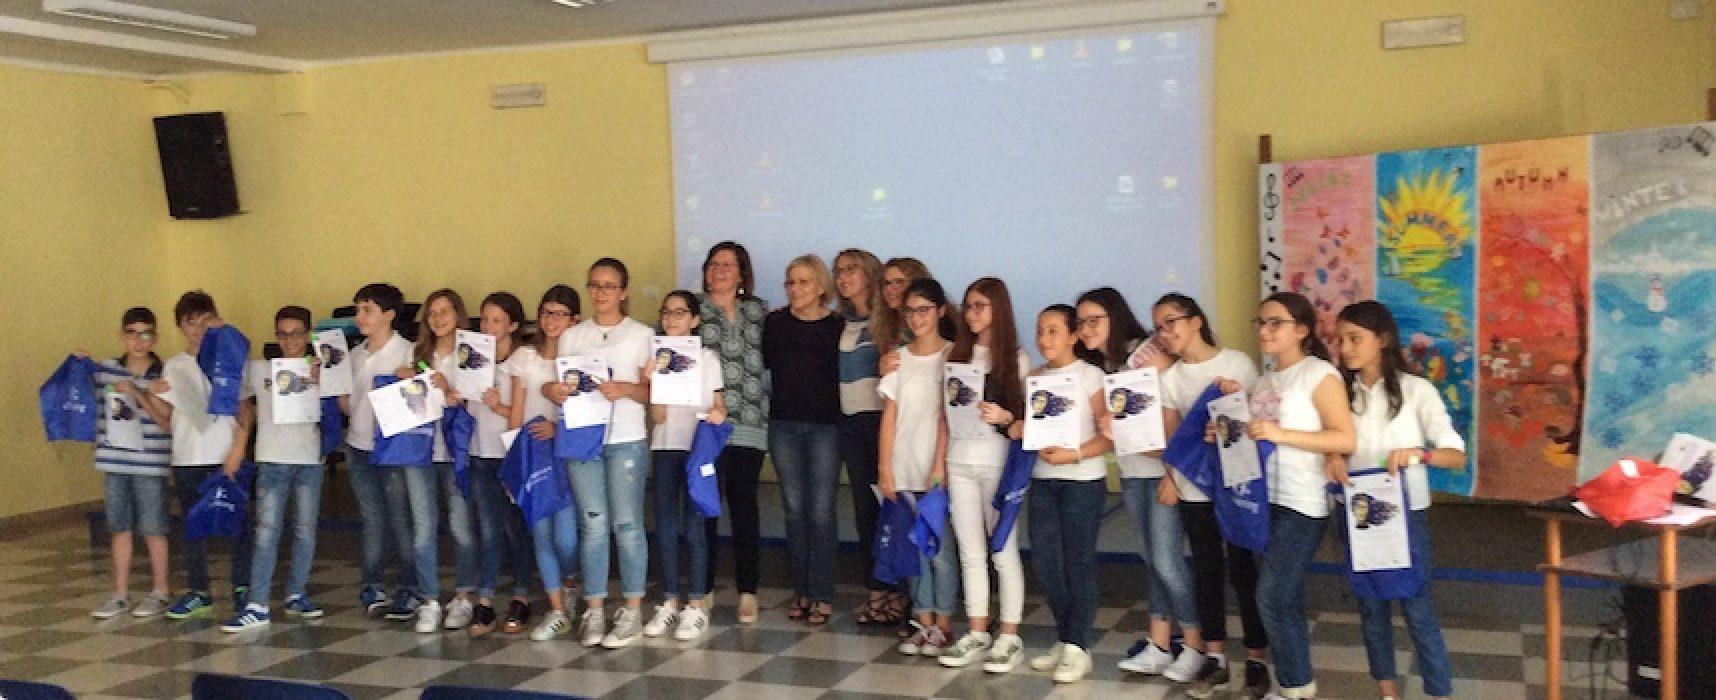 Quality Label nazionale e menzione speciale al progetto eTwinning della scuola Monterisi